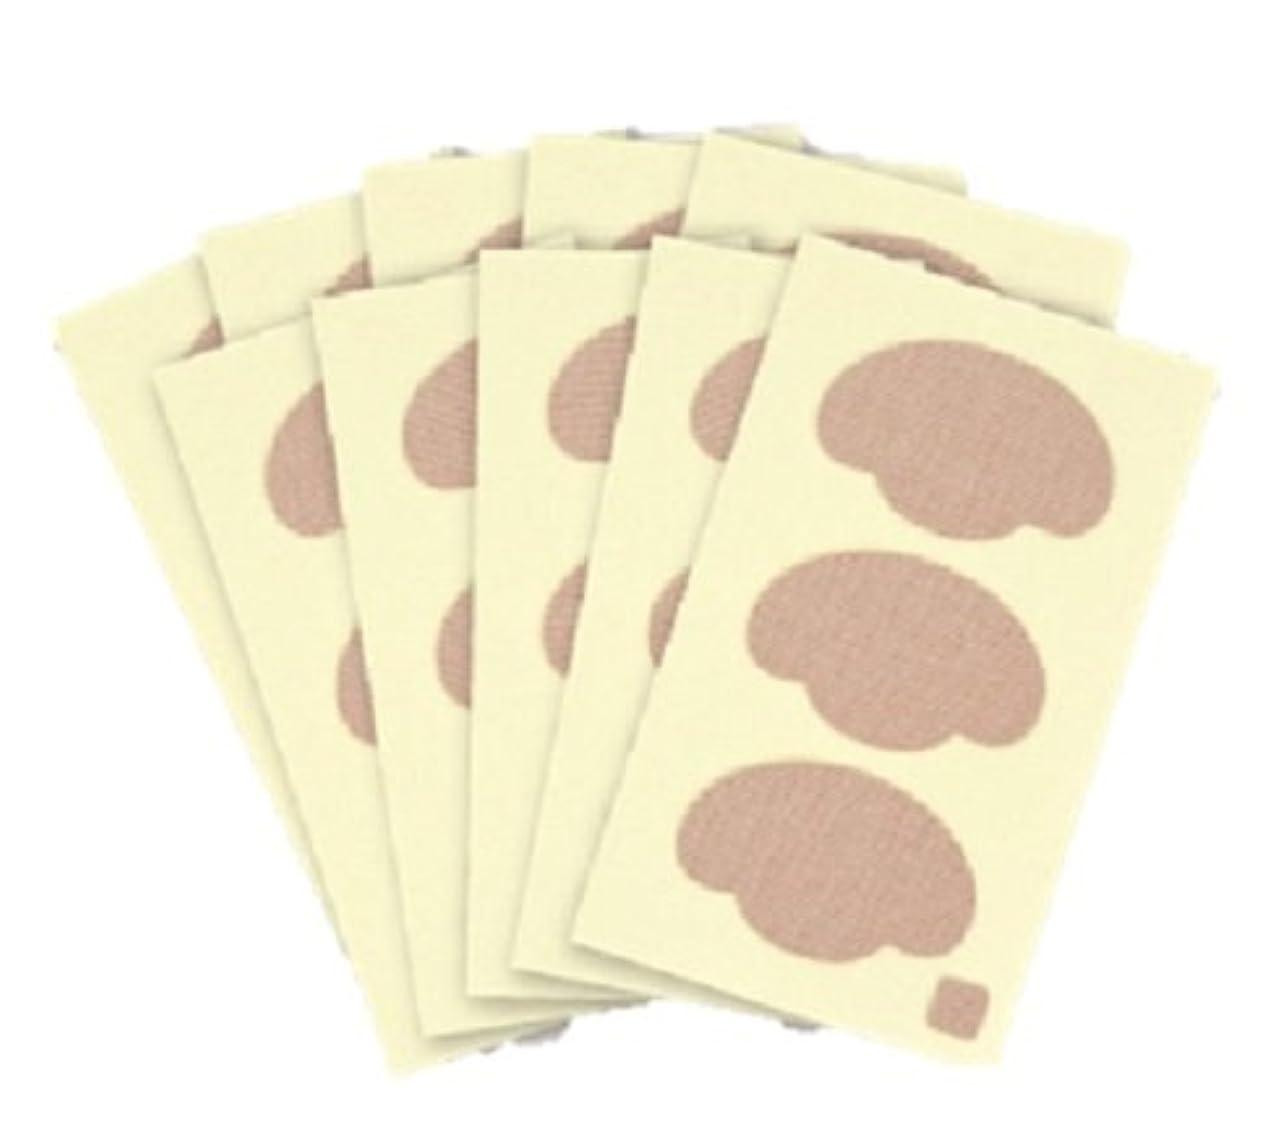 カカドゥ気候の山帽子底マメケアテープ 30枚入 底マメテープ 底マメ 底まめ タコ 摩擦 硬化 ガード 足裏 保護シール シート 日本製 30枚入